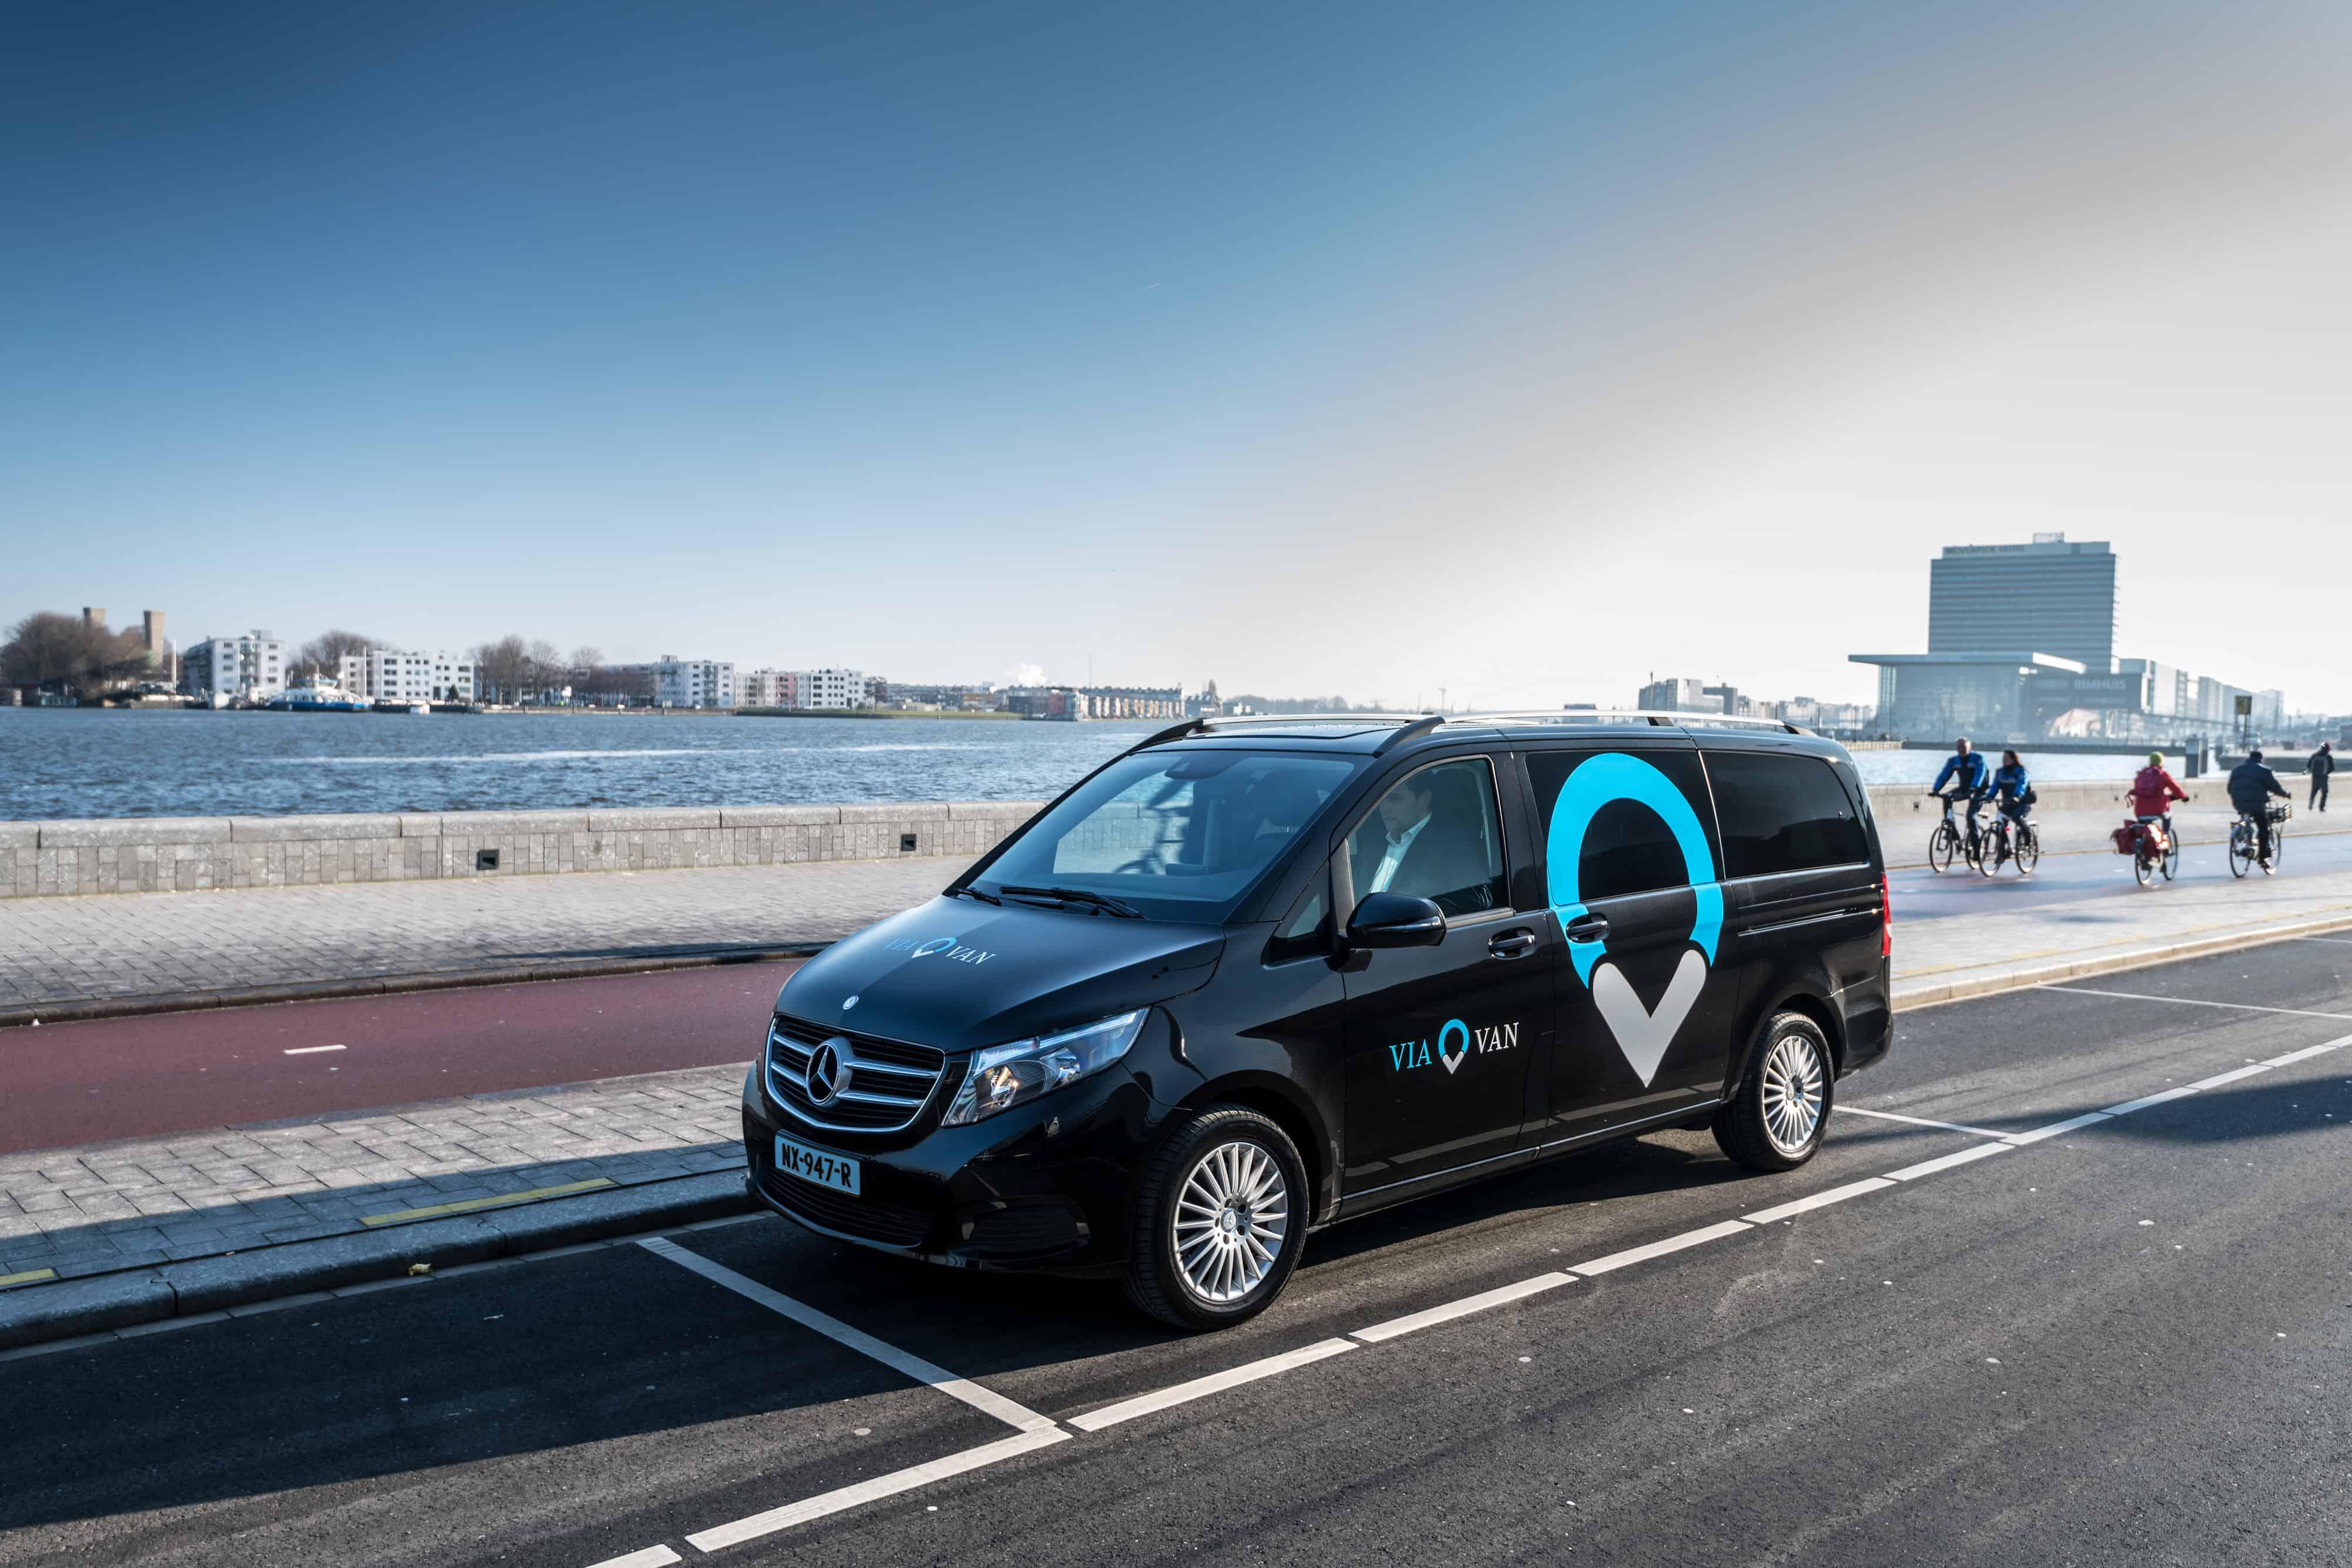 Nieuw: eVia – Een elektrische taxi bestellen